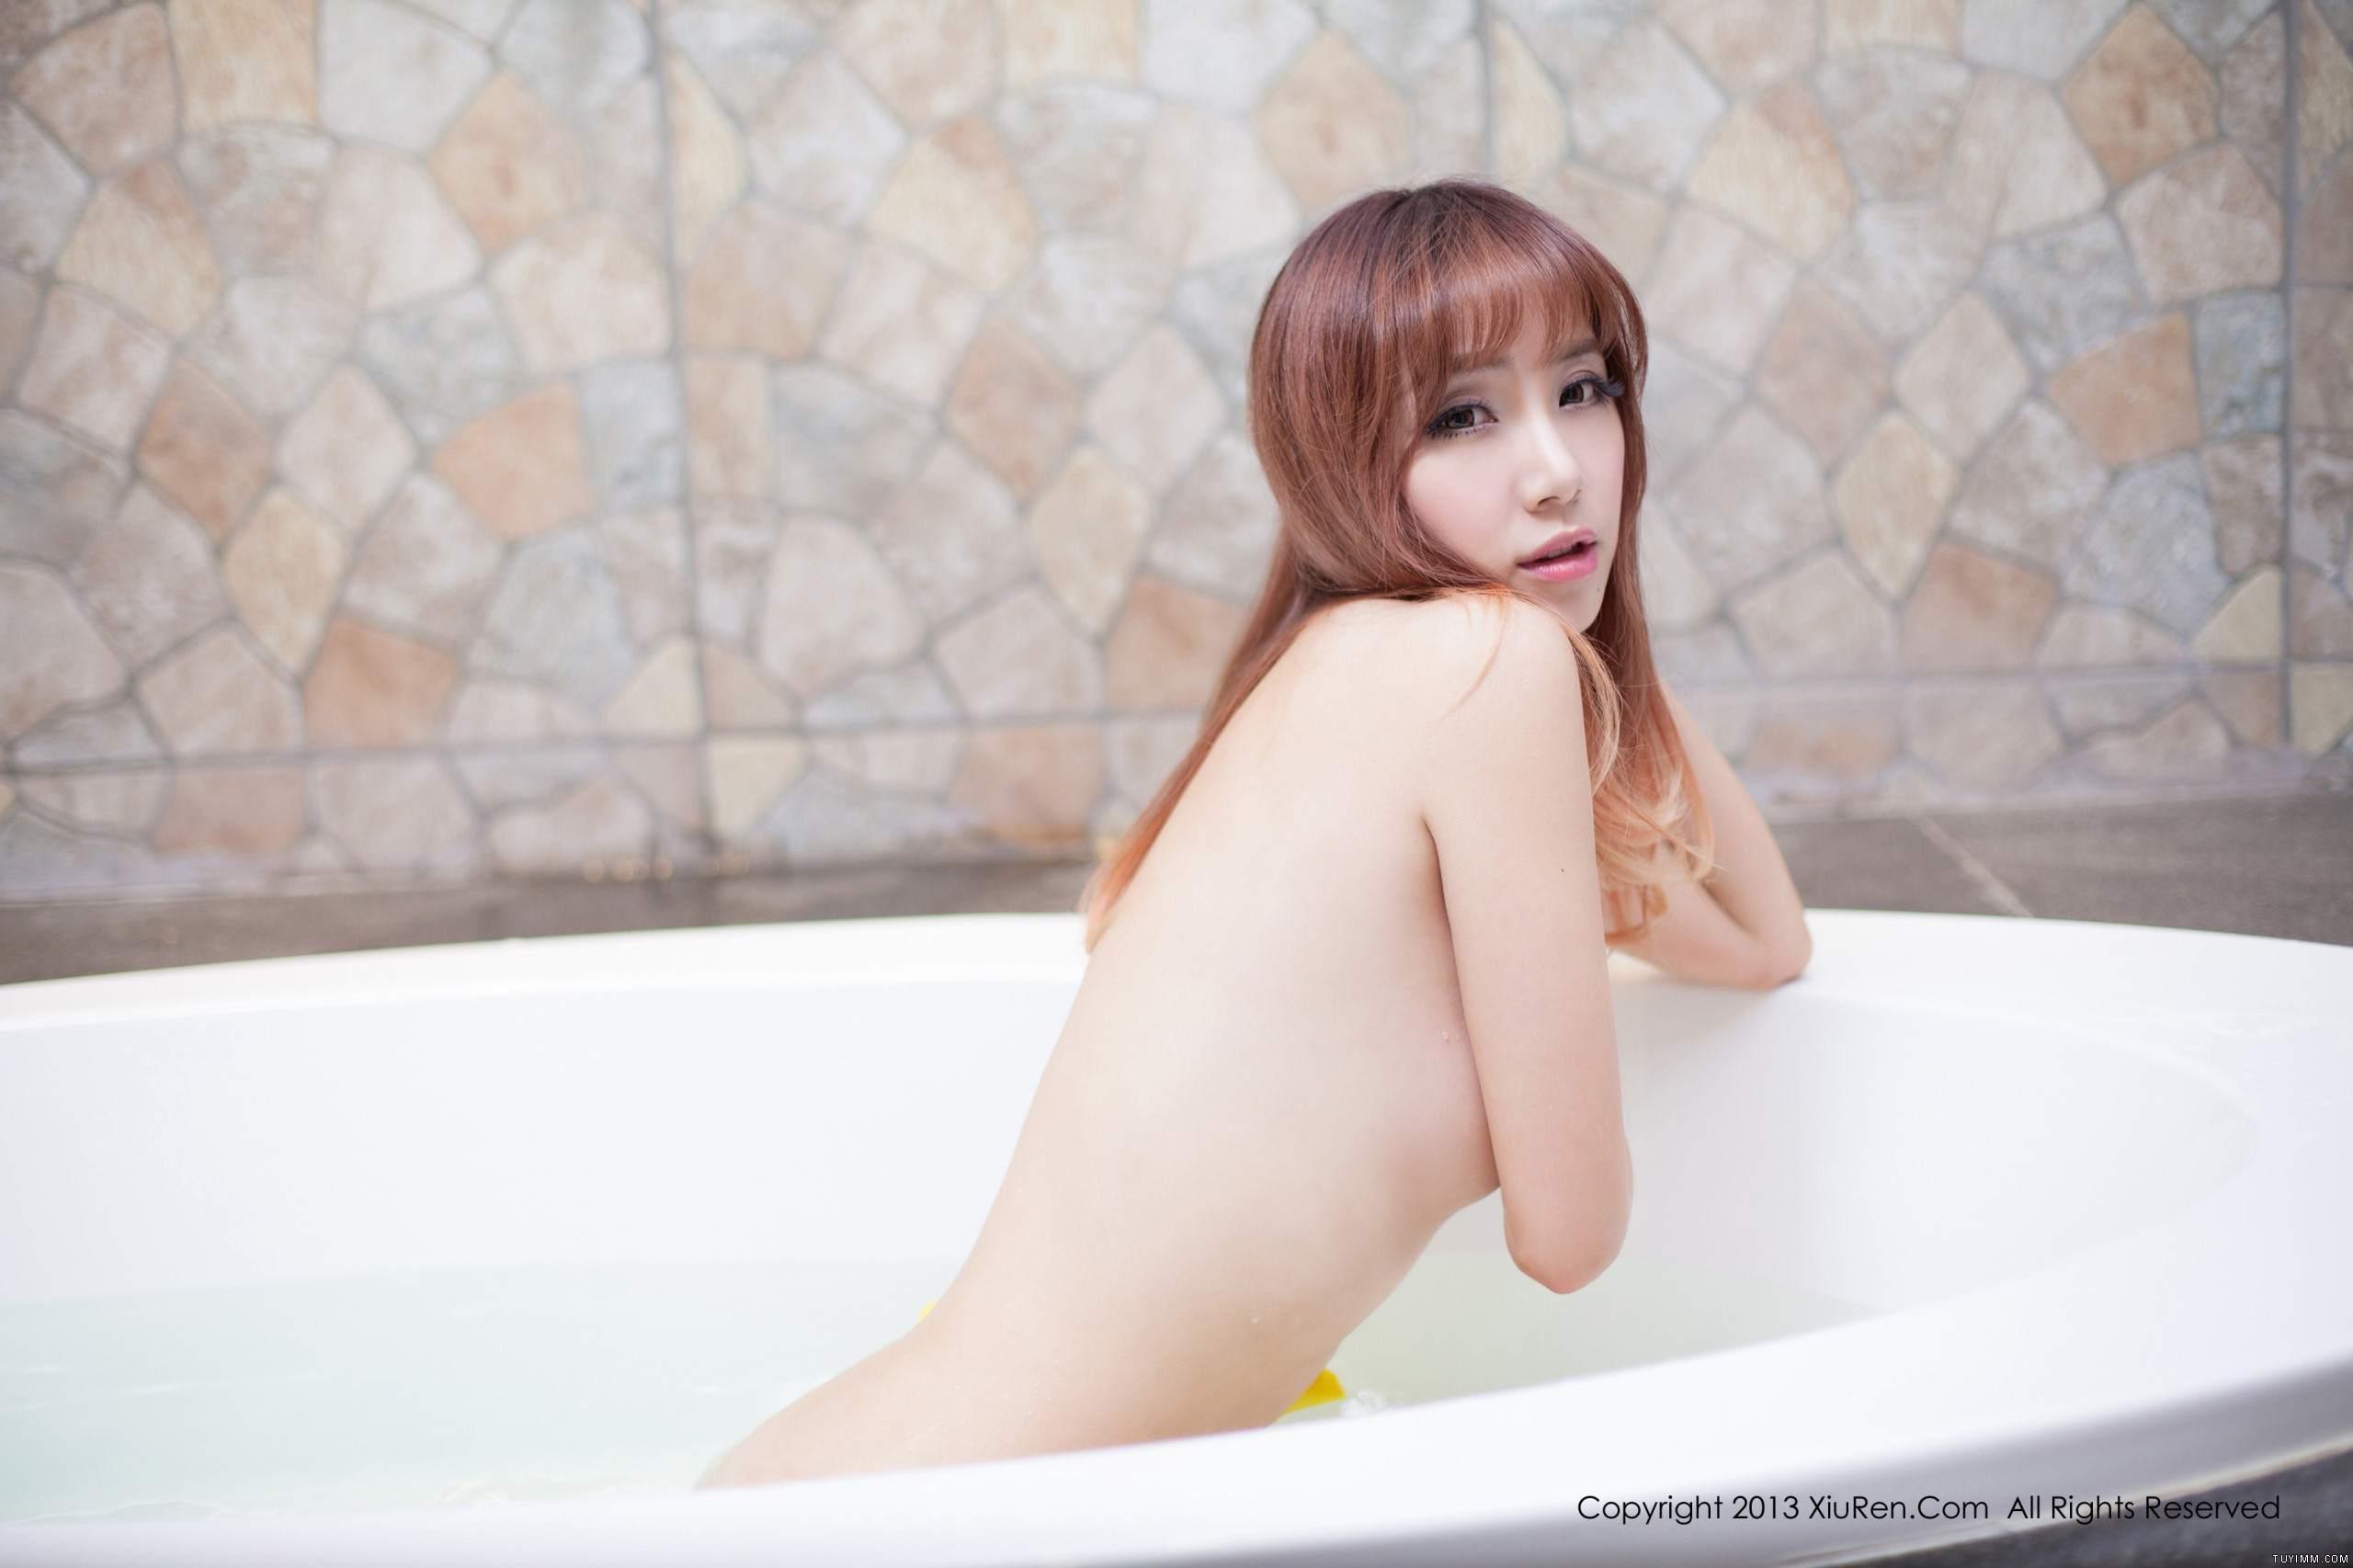 """[福利]鹿小茜""""七哥辅助网""""-第58张图片-哔哔娱乐网"""